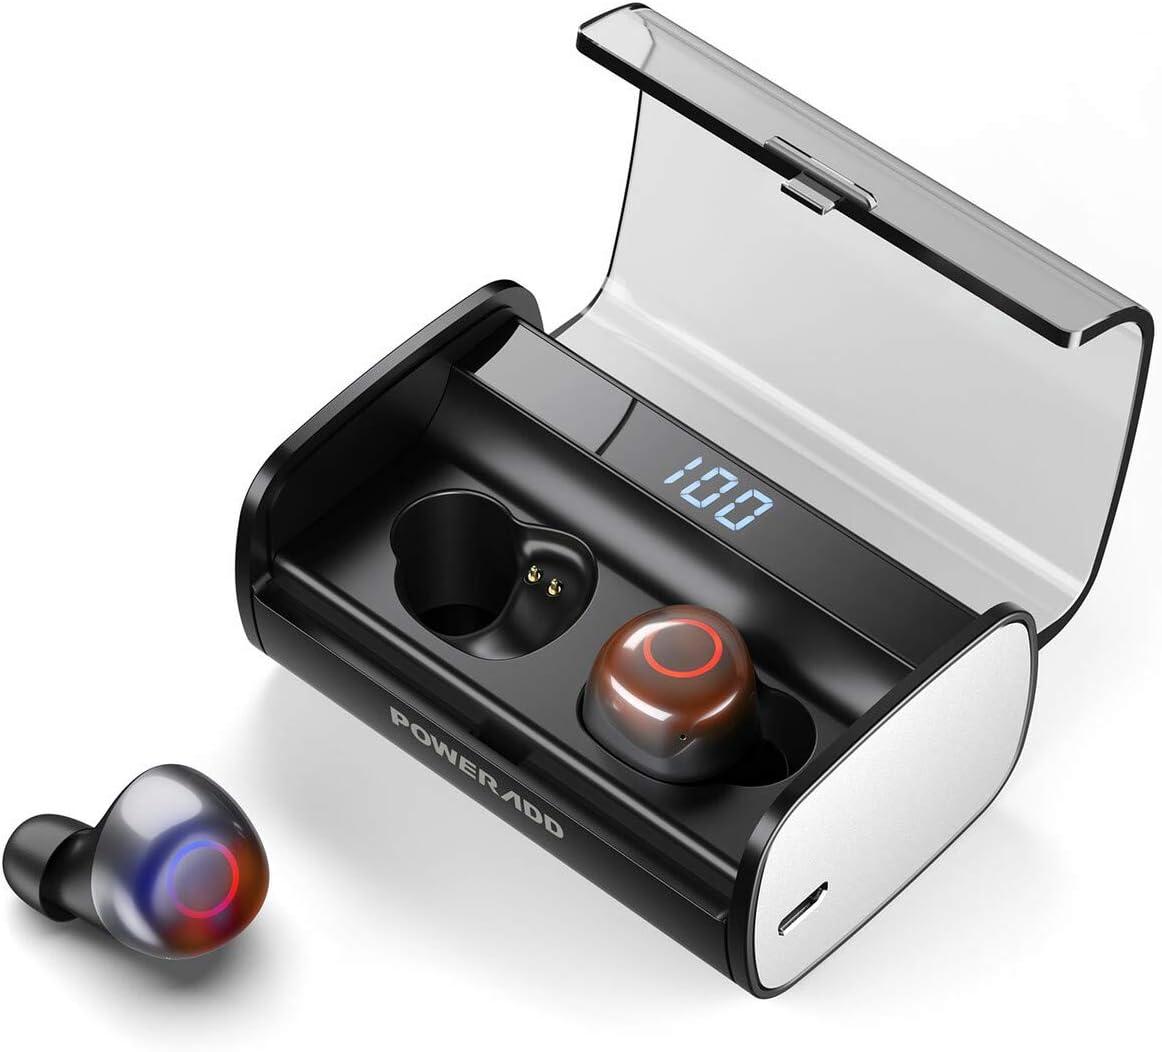 POWERADD Auriculares Bluetooth Auriculares inalámbricos con Bluetooth 5.0 Mini In-Ear Auriculares Carga Rapida Resistente al Agua con Caja de Carga-Negro